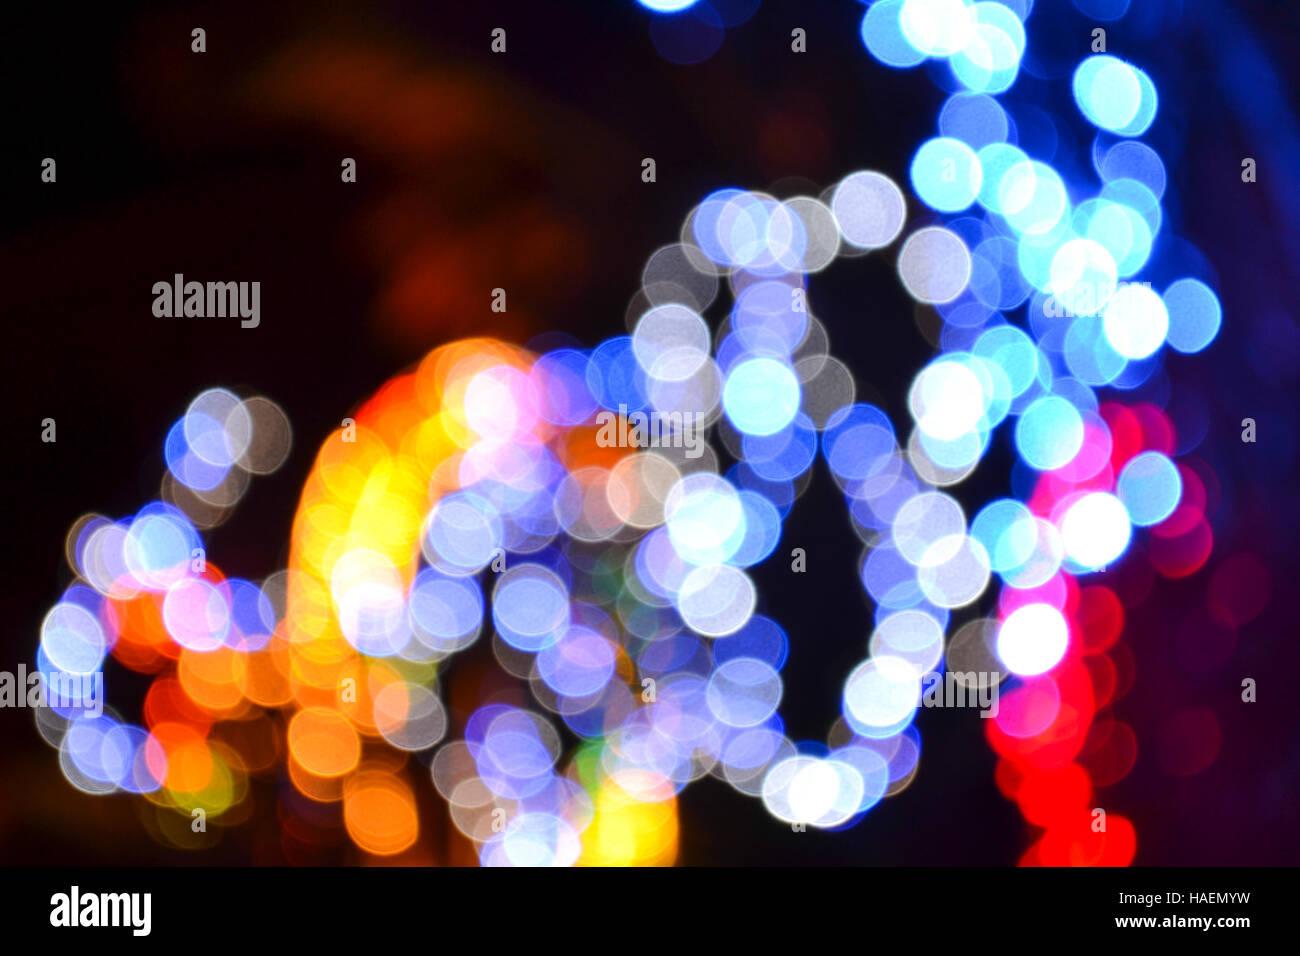 Blaue Weihnachtsbeleuchtung.Bokeh Effekt Von Außen Licht Blaue Rote Und Weiße